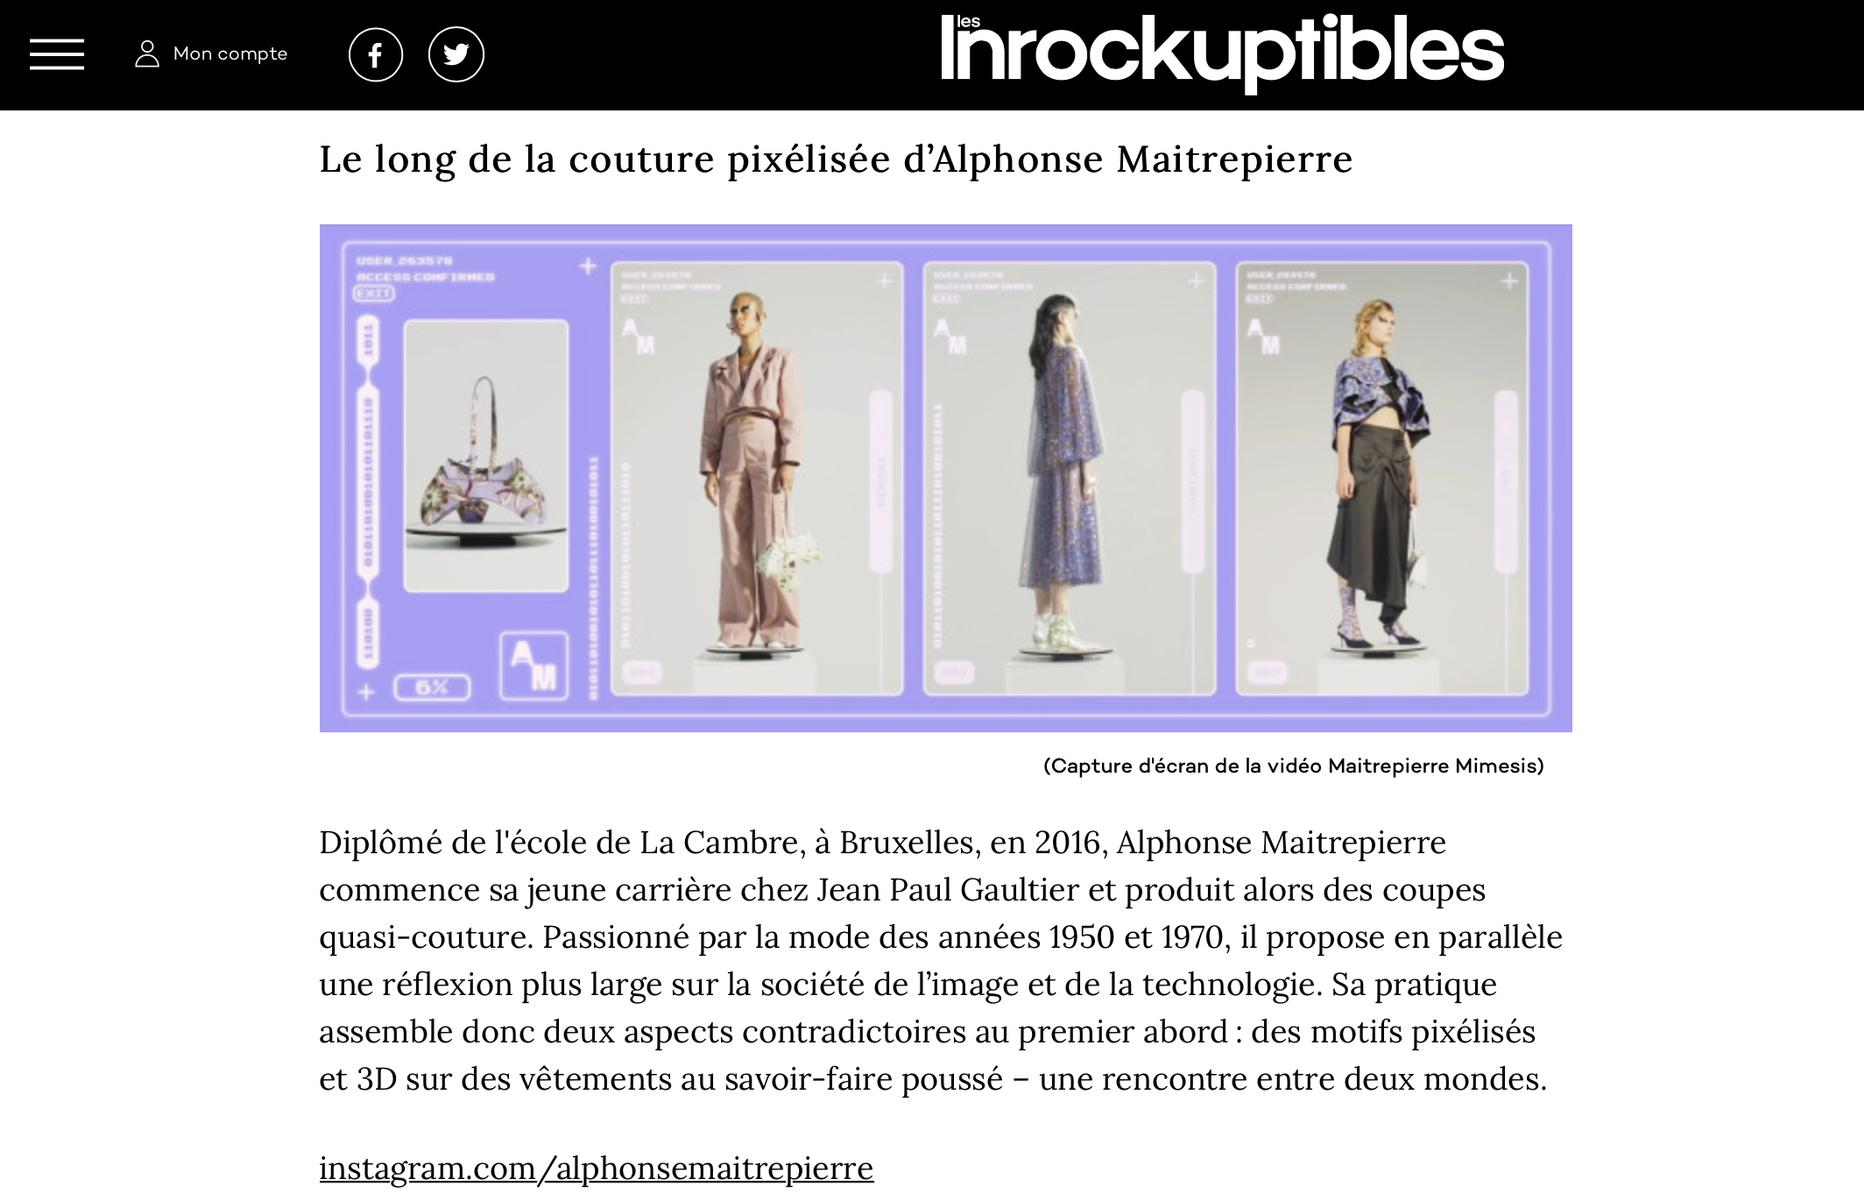 ALPHONSE-MAITREPIERRE - Les Inrocks